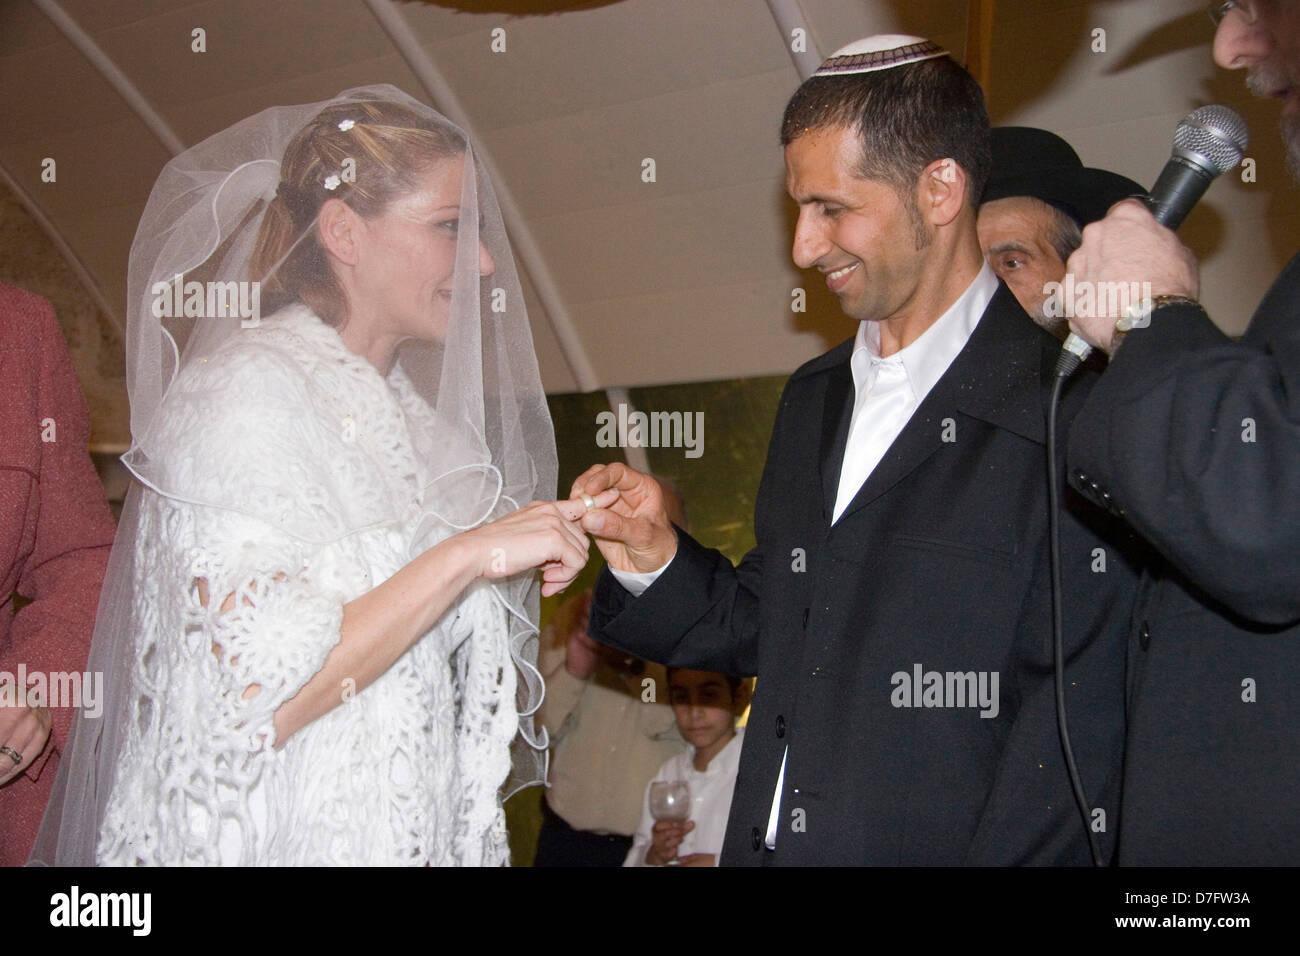 Lo scambio di anelli ad una cerimonia di nozze Immagini Stock